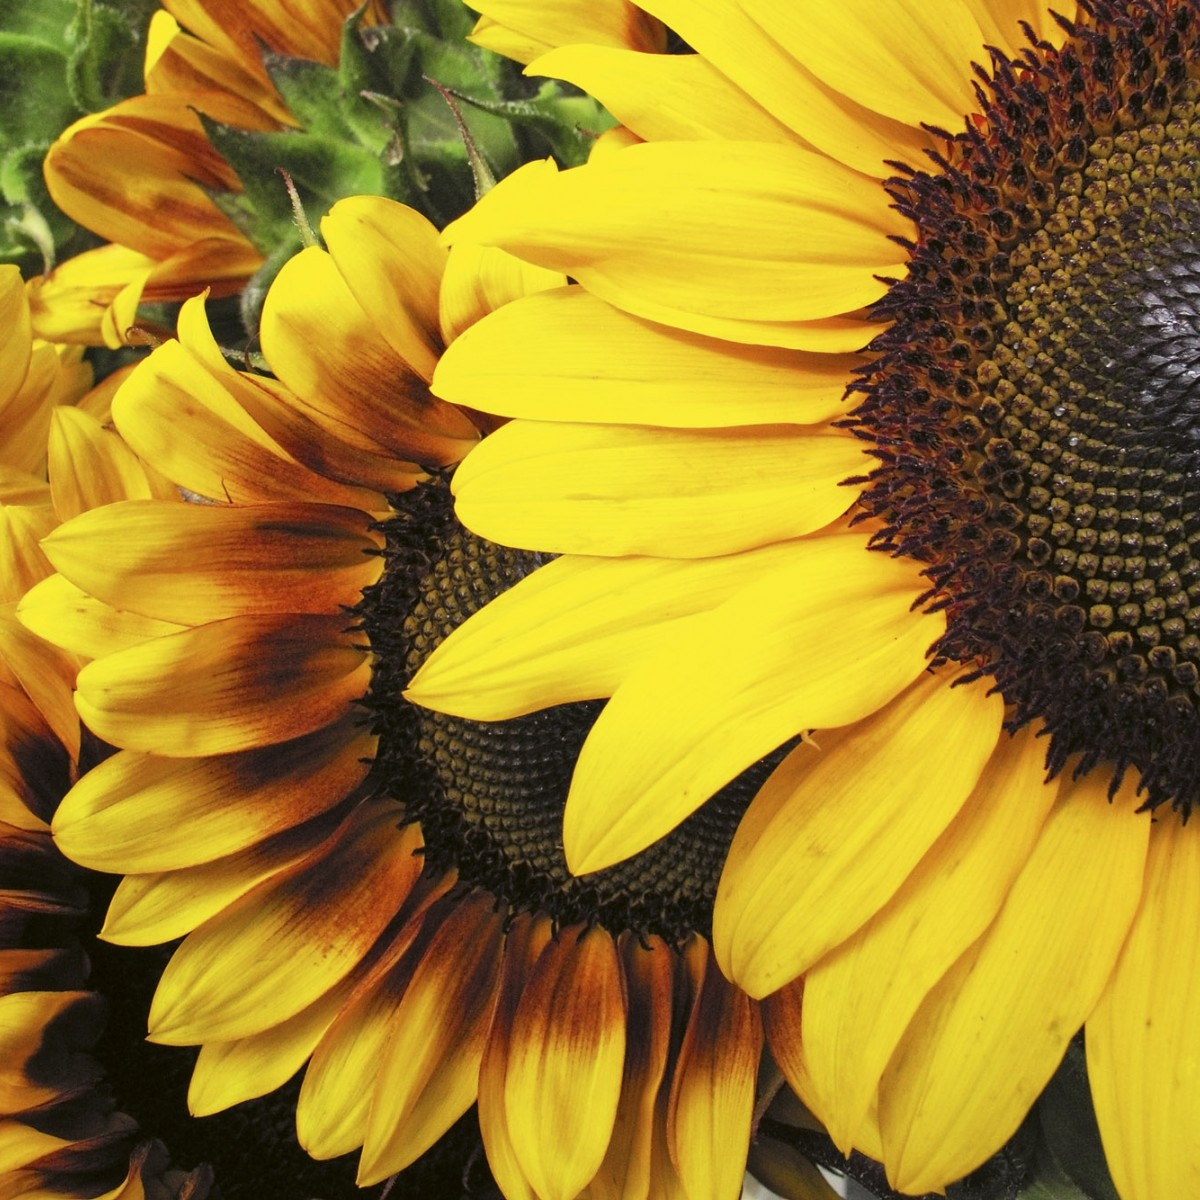 Foto tapet 3D Sunflowers, Dimex, 5 fâșii, 375 x 250cm